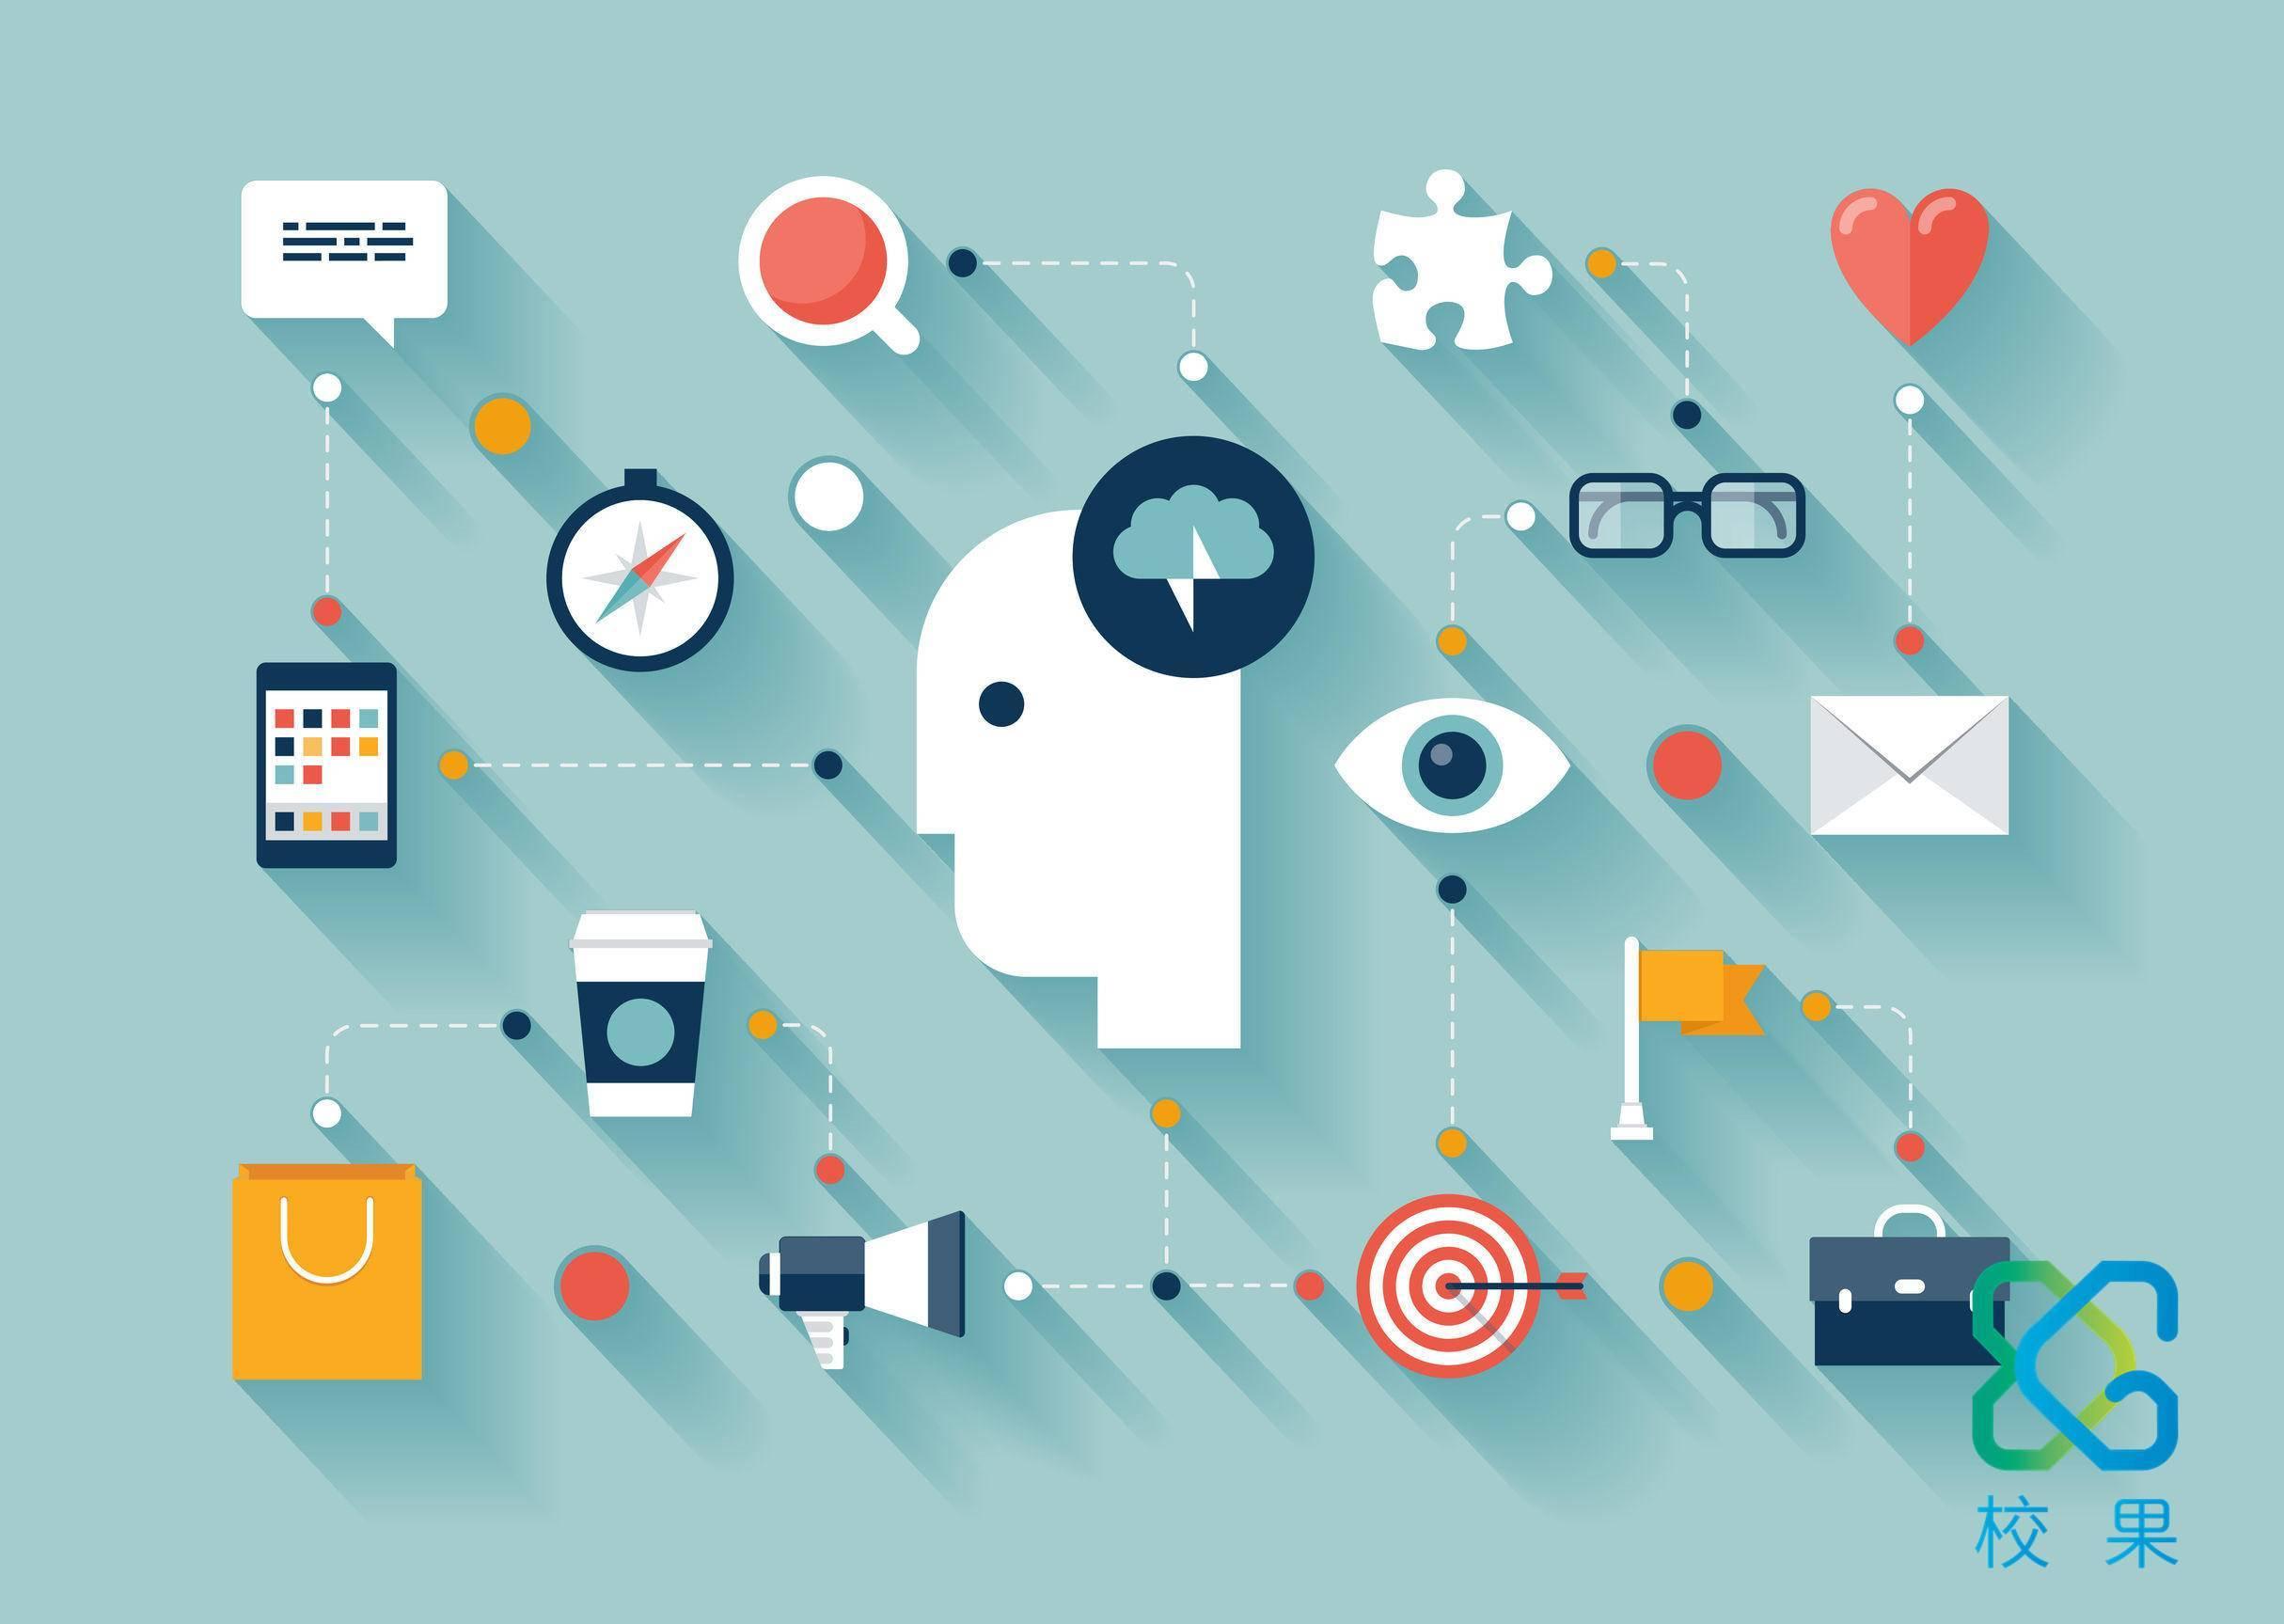 校园整合营销的流程和特点